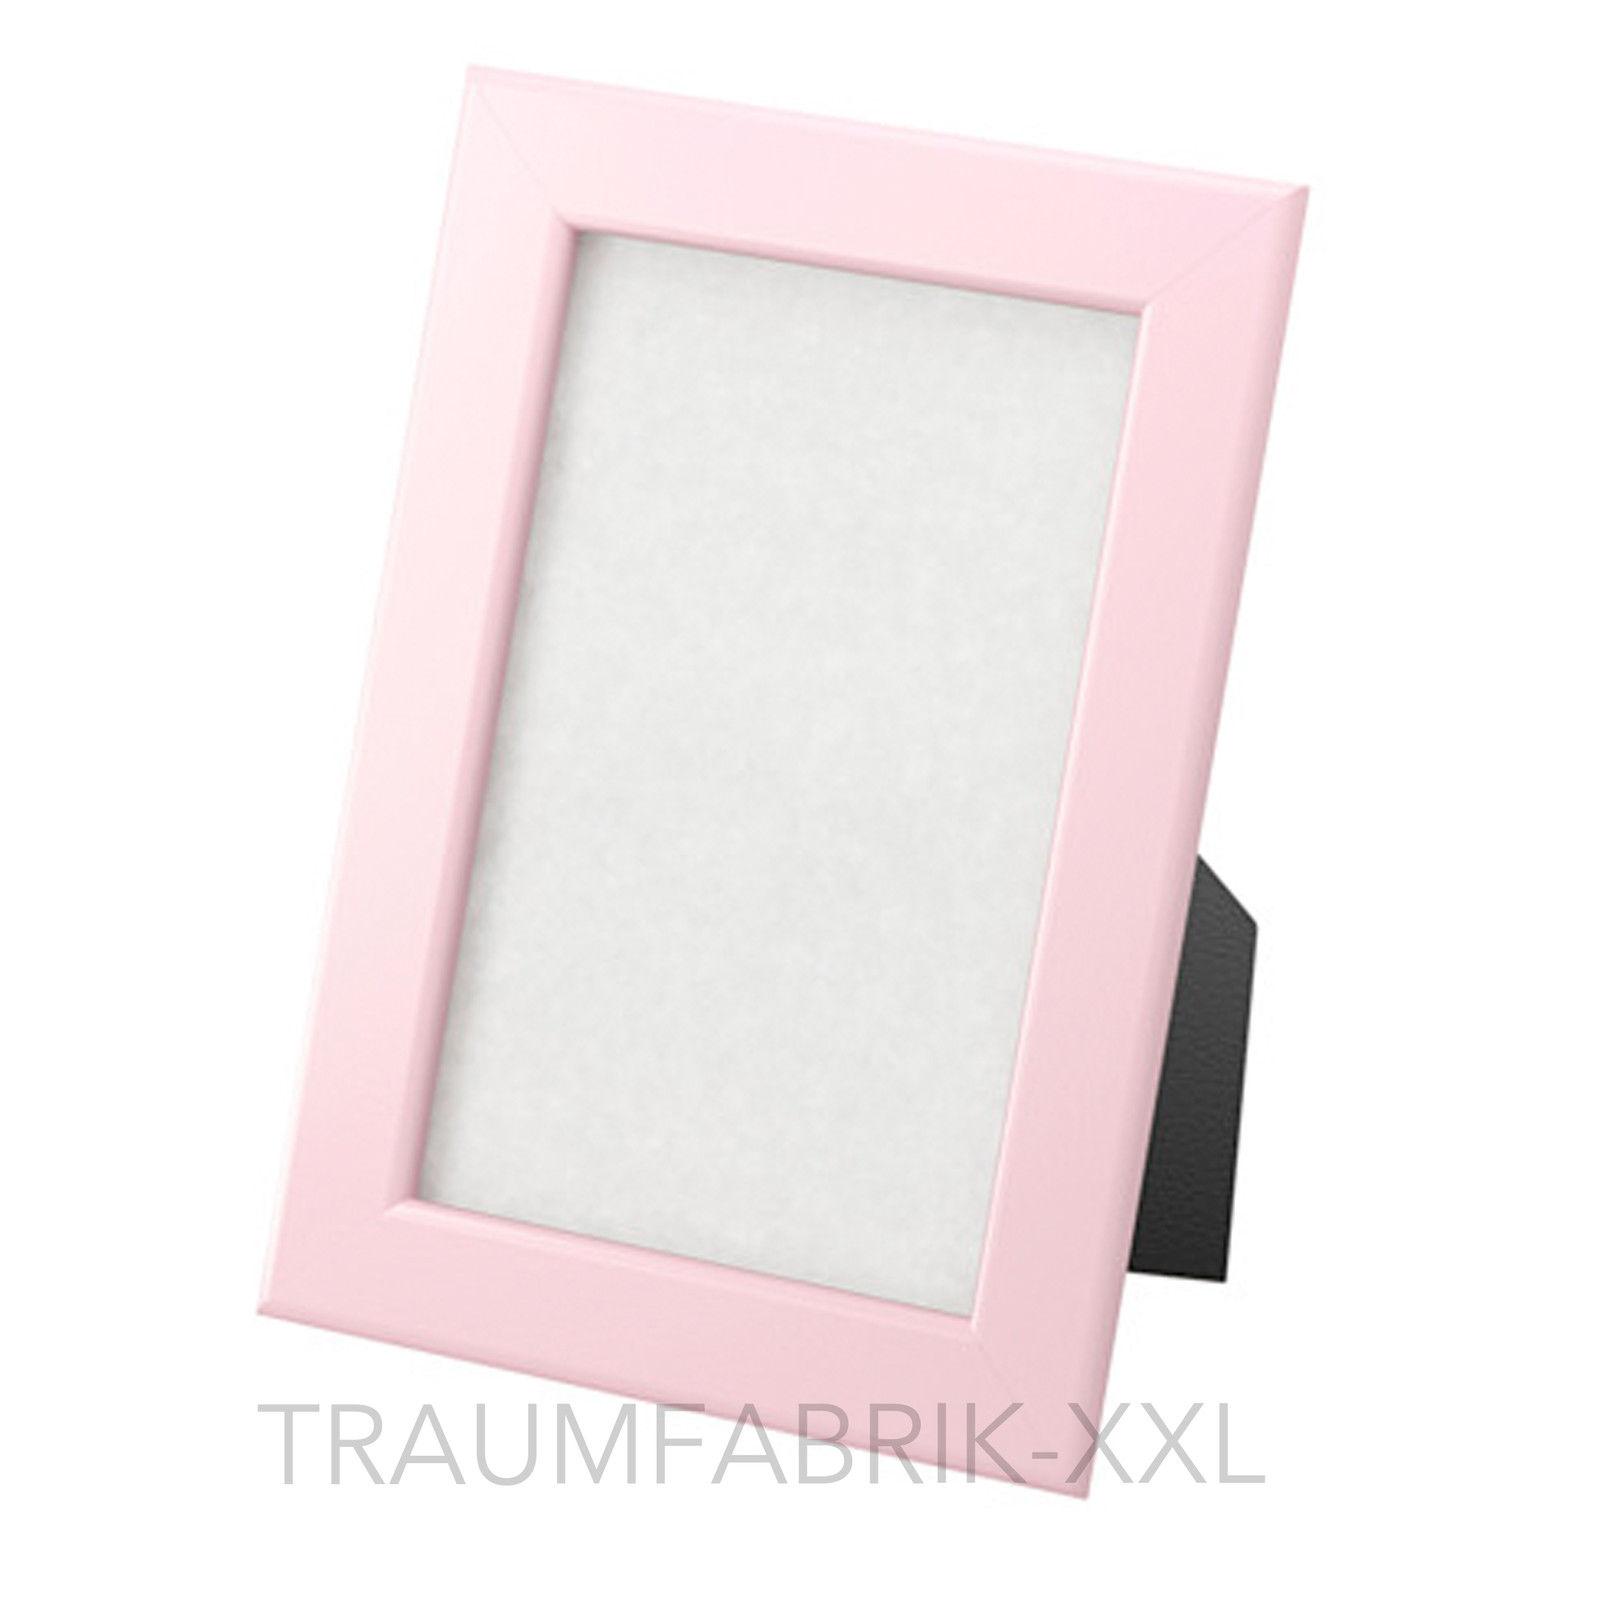 ikea fiskbo bilderrahmen 10x15cm rosa fotorahmen photorahmen galerierahmen neu traumfabrik xxl. Black Bedroom Furniture Sets. Home Design Ideas